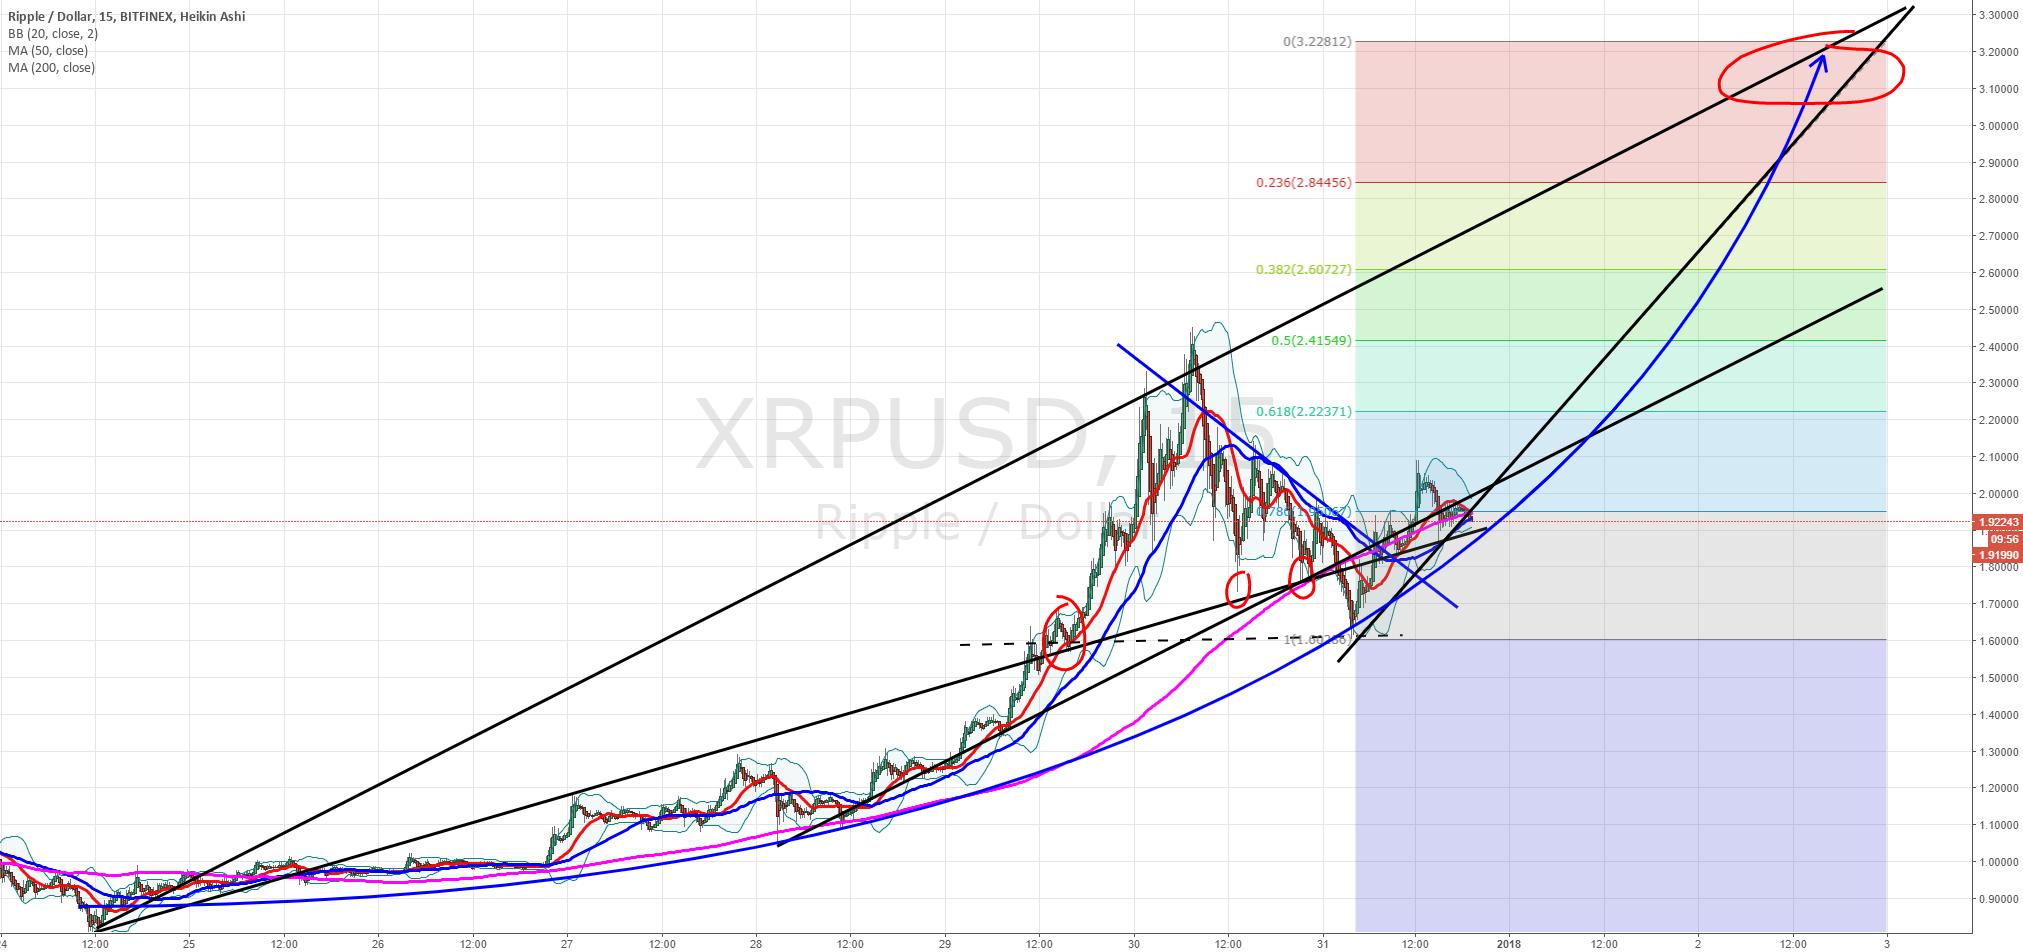 XRPUSD target adjusted